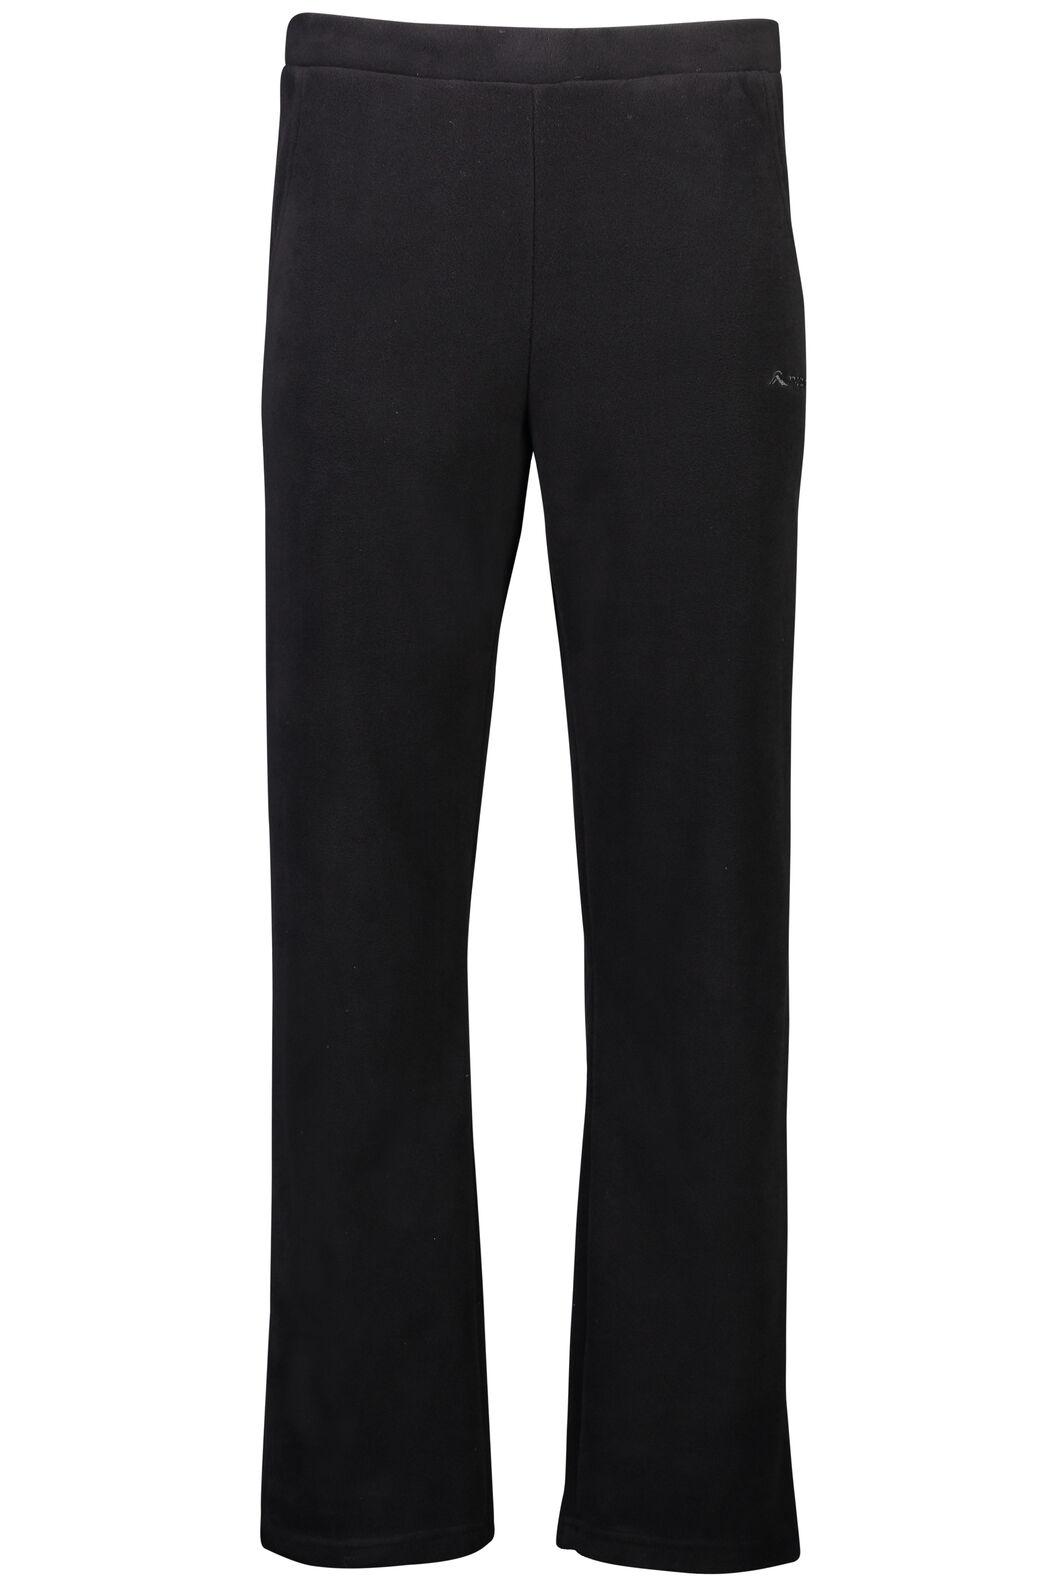 Dart Fleece Pants - Men's, Black, hi-res